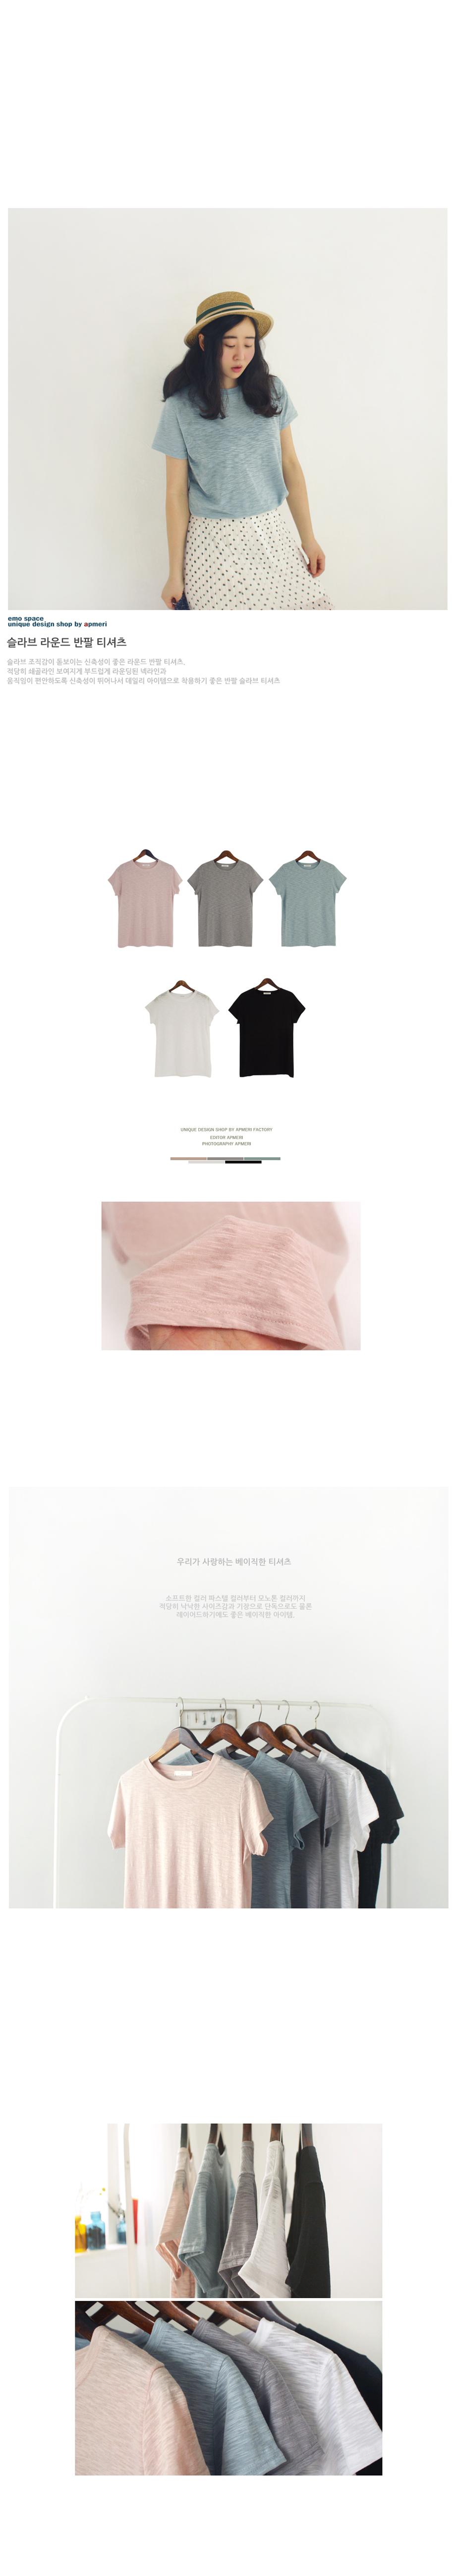 슬라브 라운드 반팔 티셔츠 - 앞머리, 11,500원, 상의, 반팔티셔츠